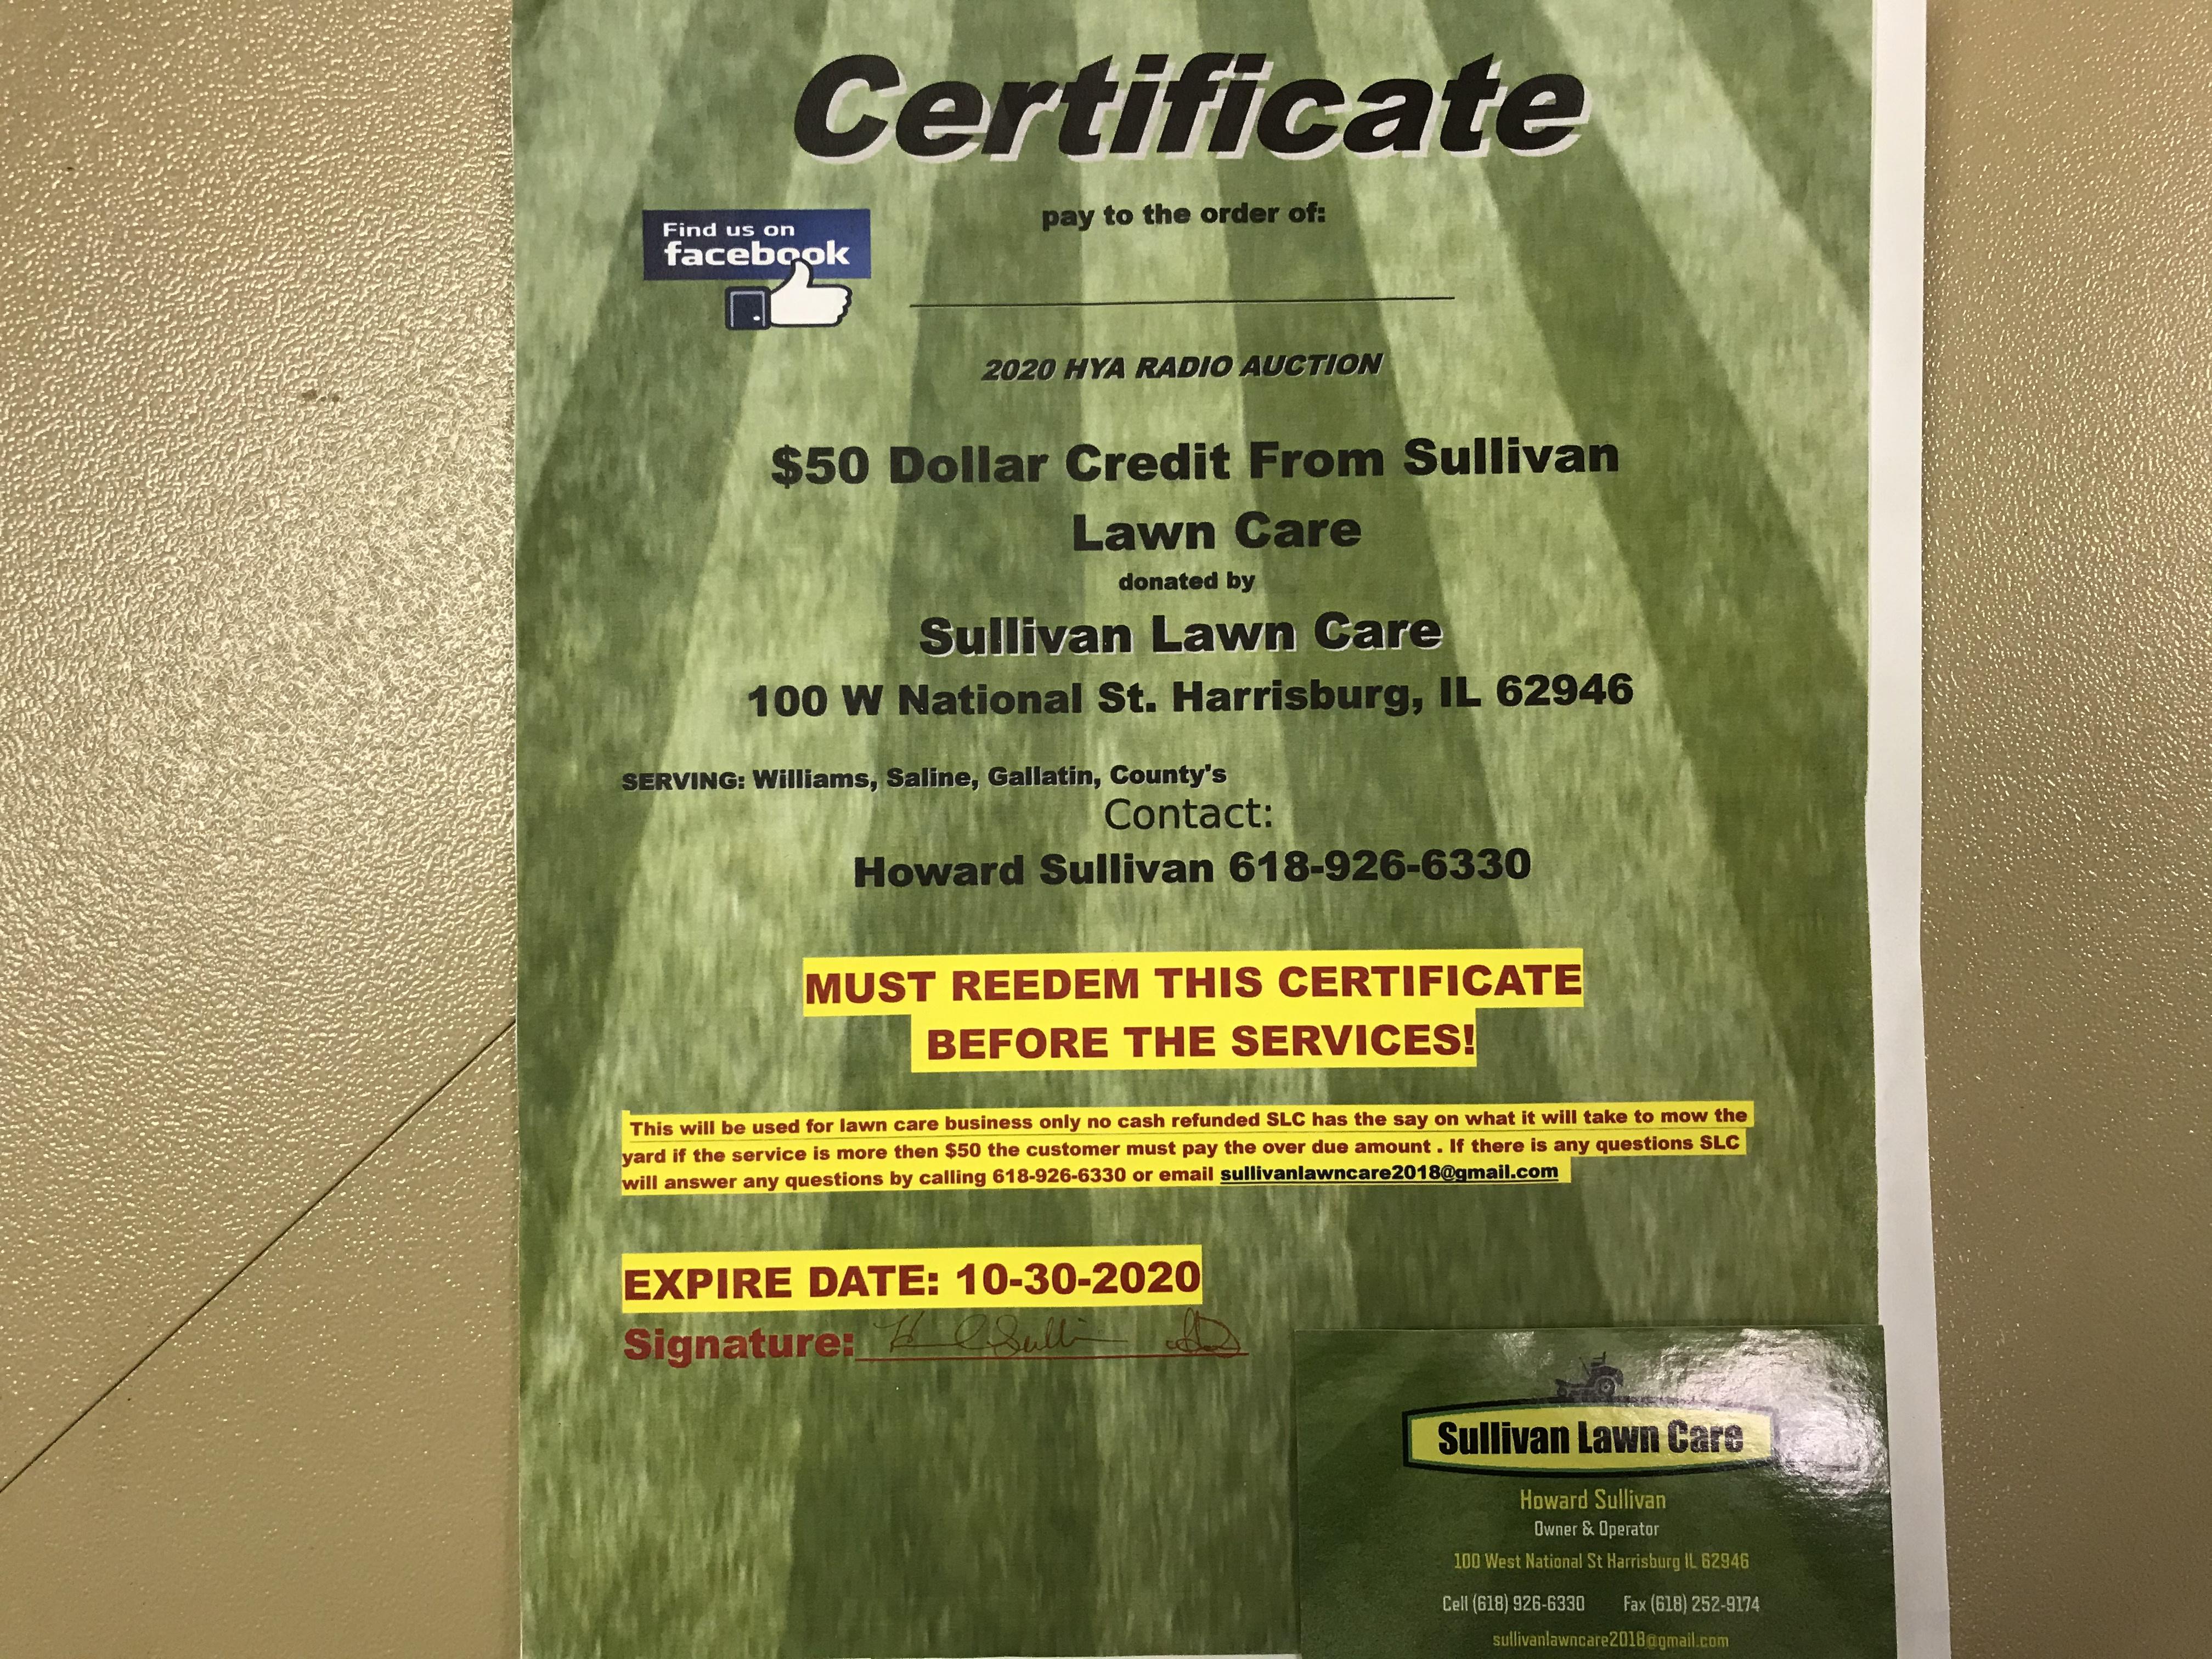 Item 111 - Sullivan Lawn Care $50 Credit